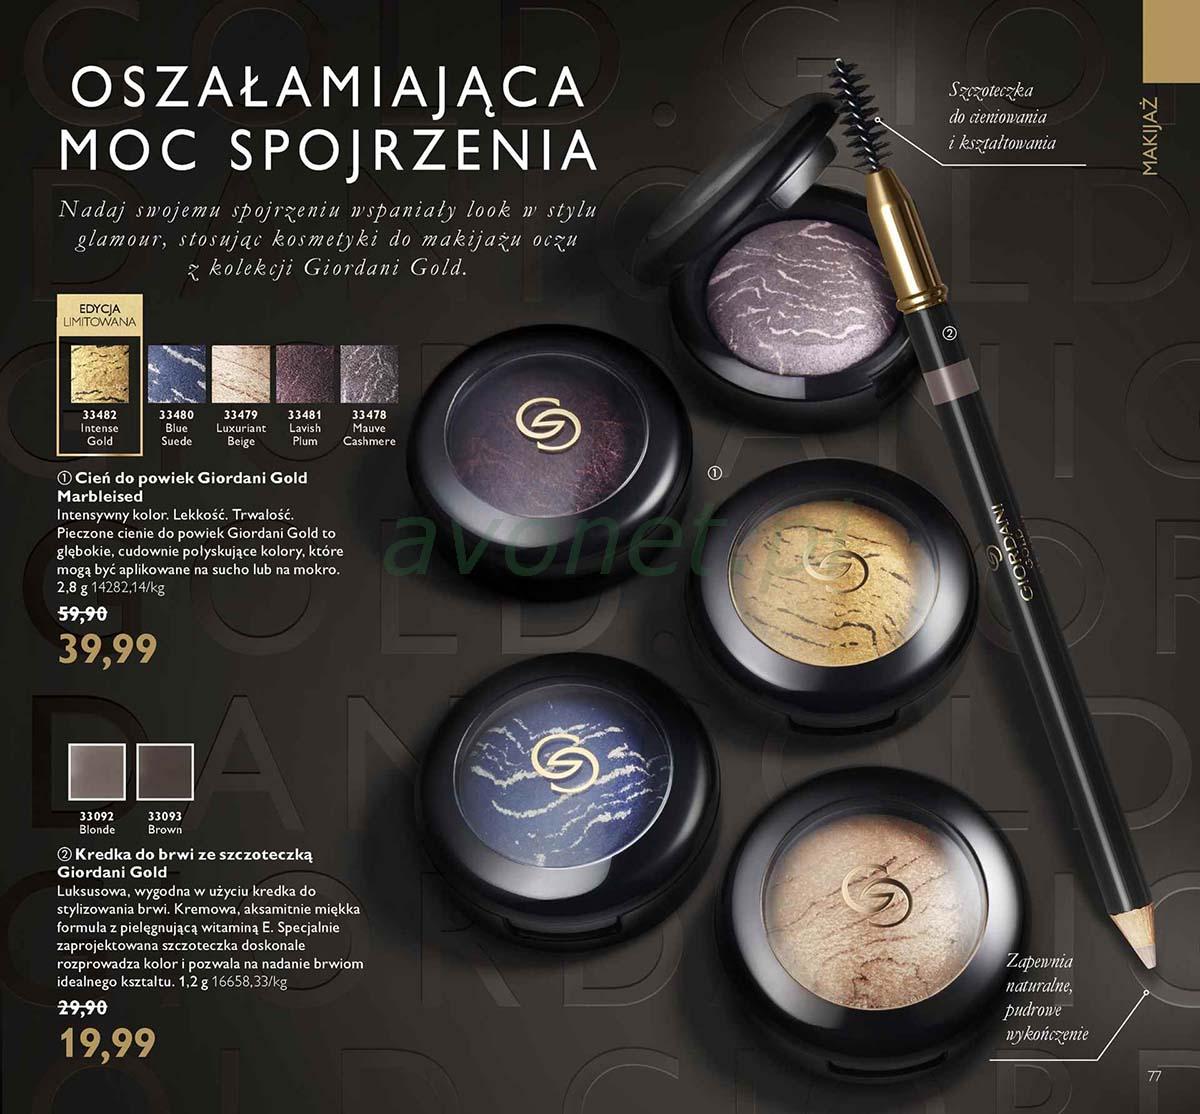 2018004-077-pl-pl